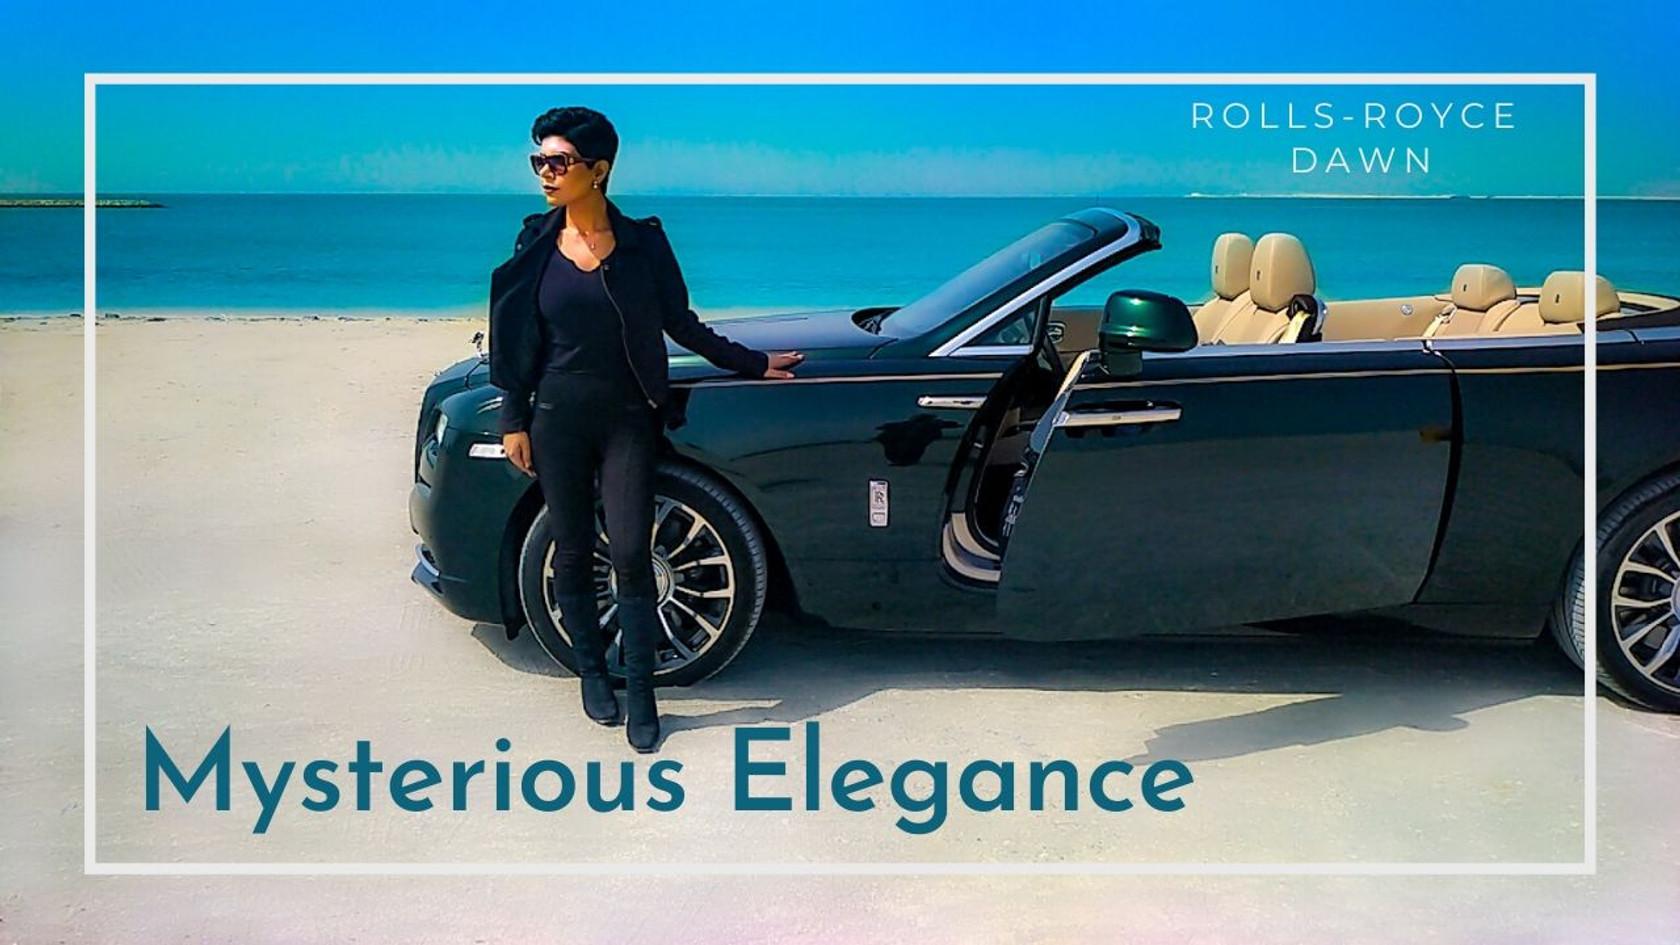 Rolls Royce - Dawn